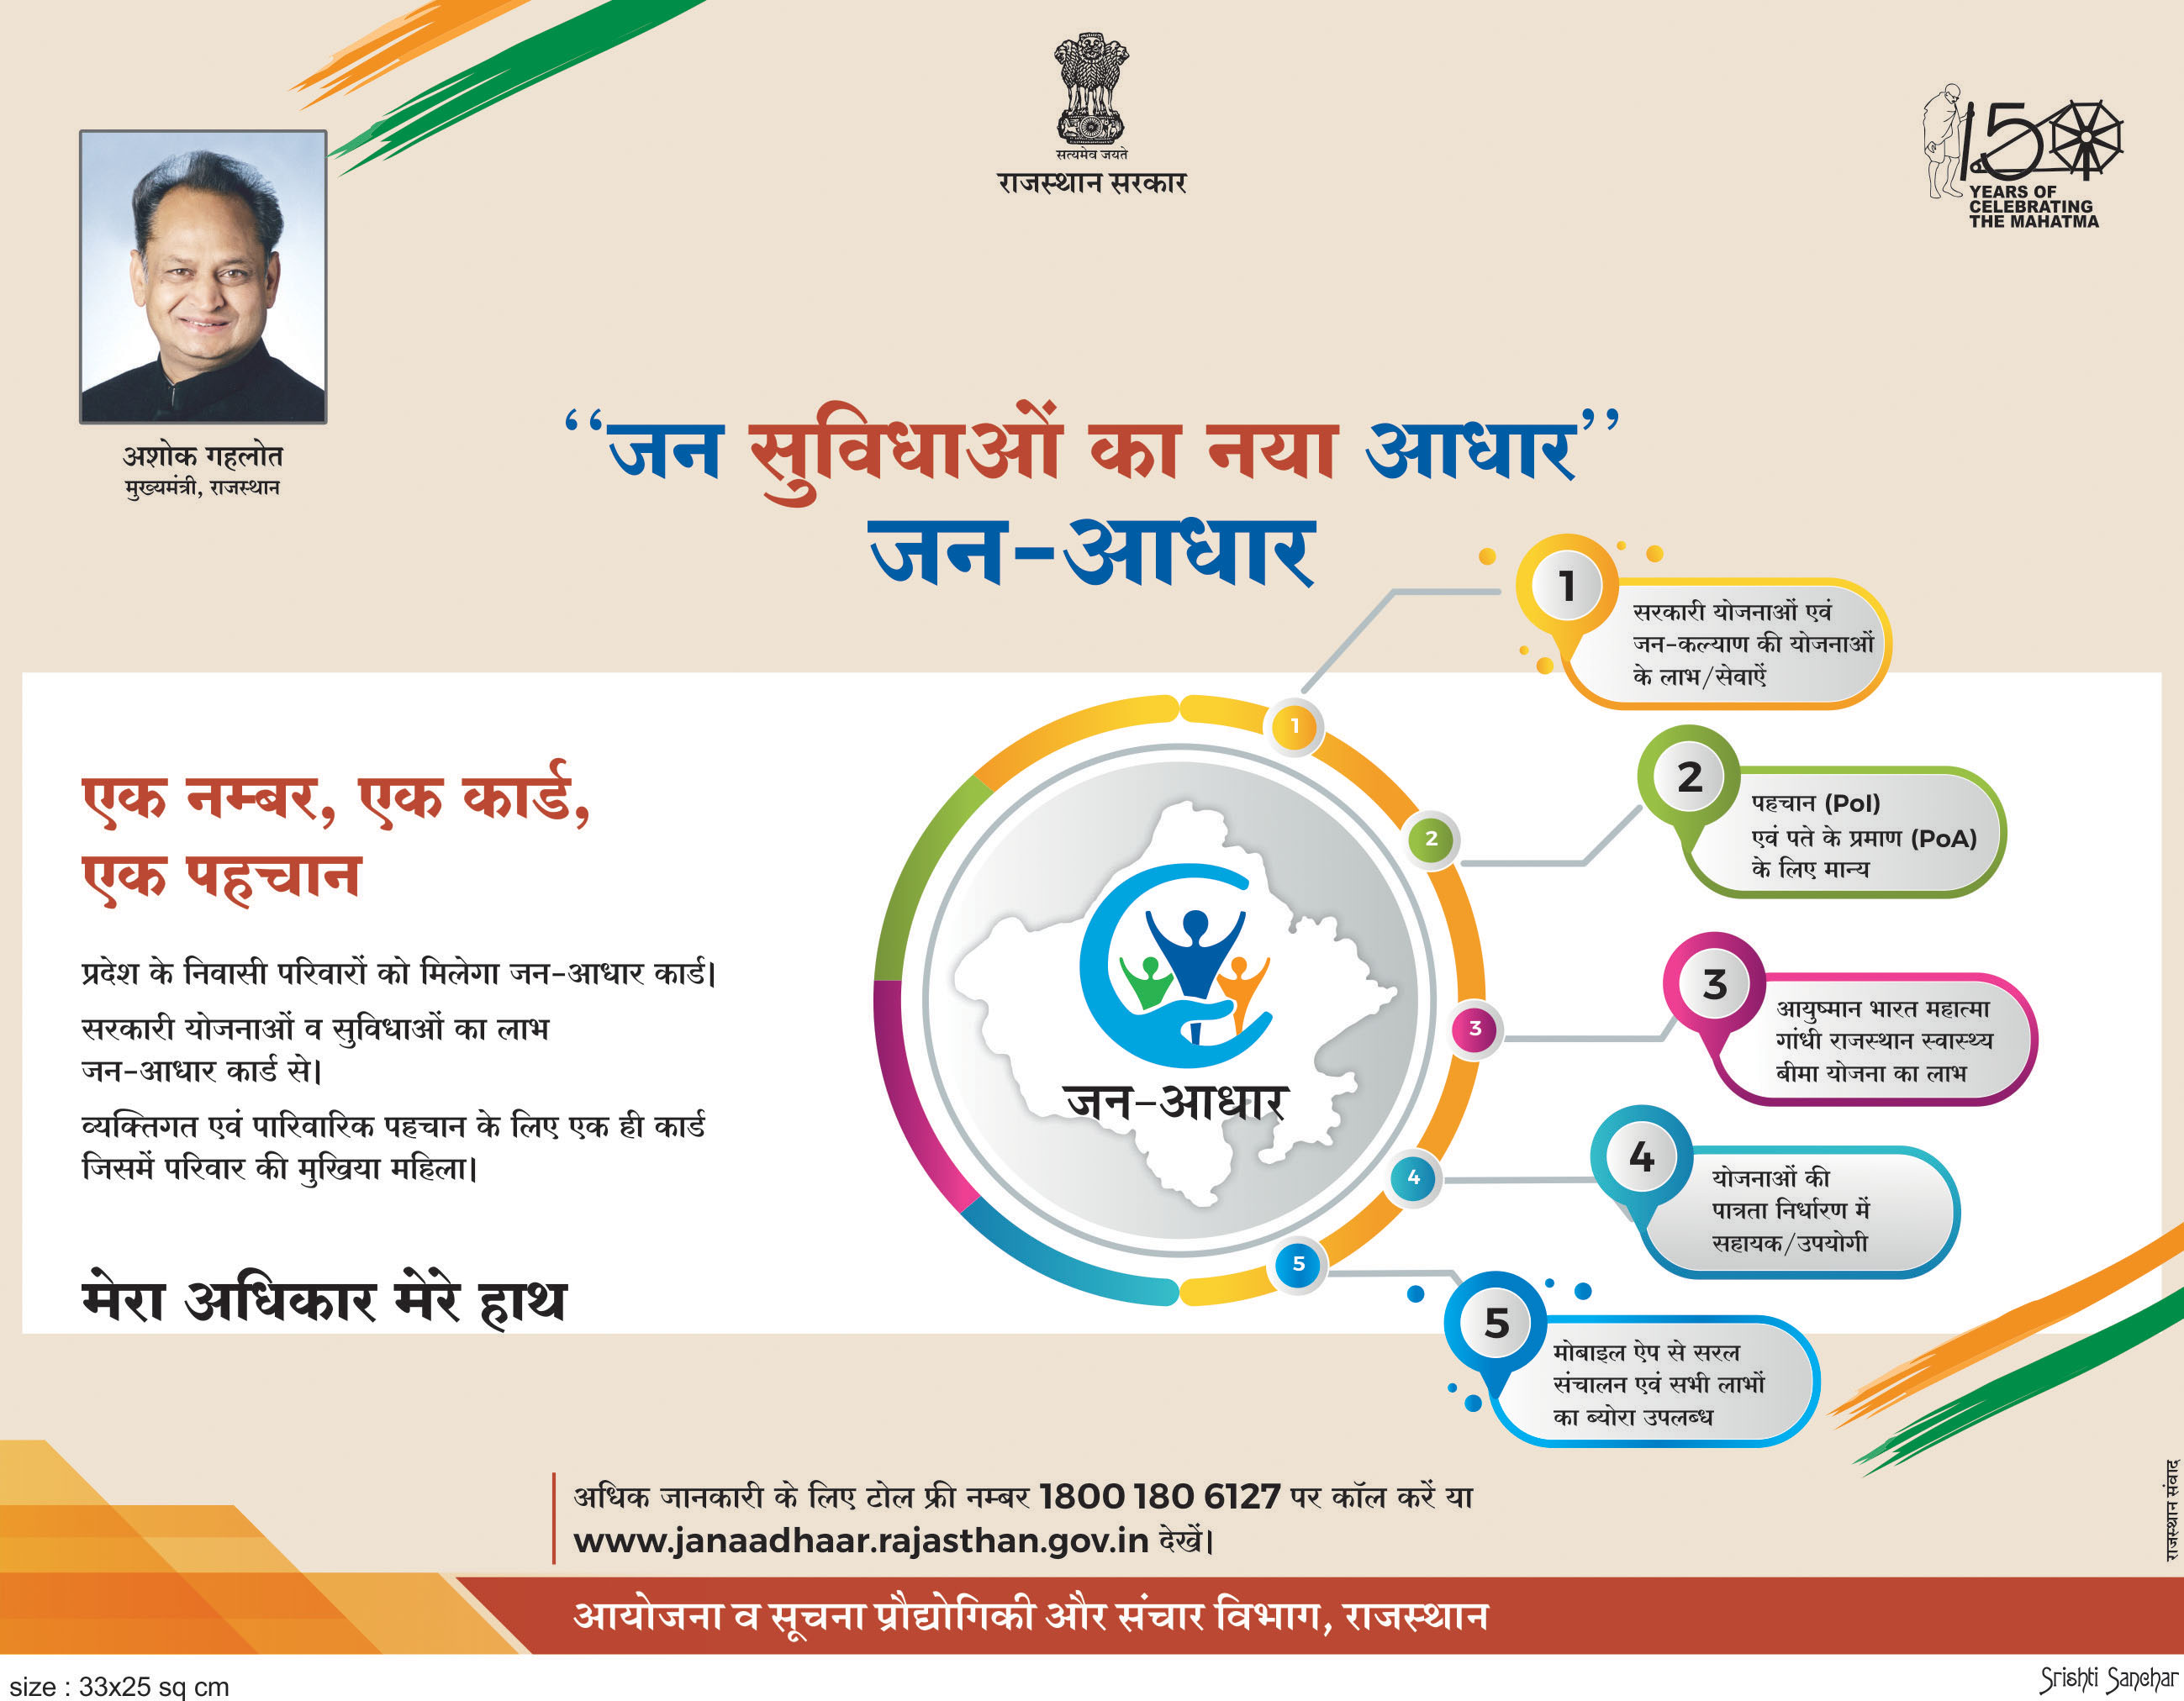 राजस्थान जन-आधार योजना 2019